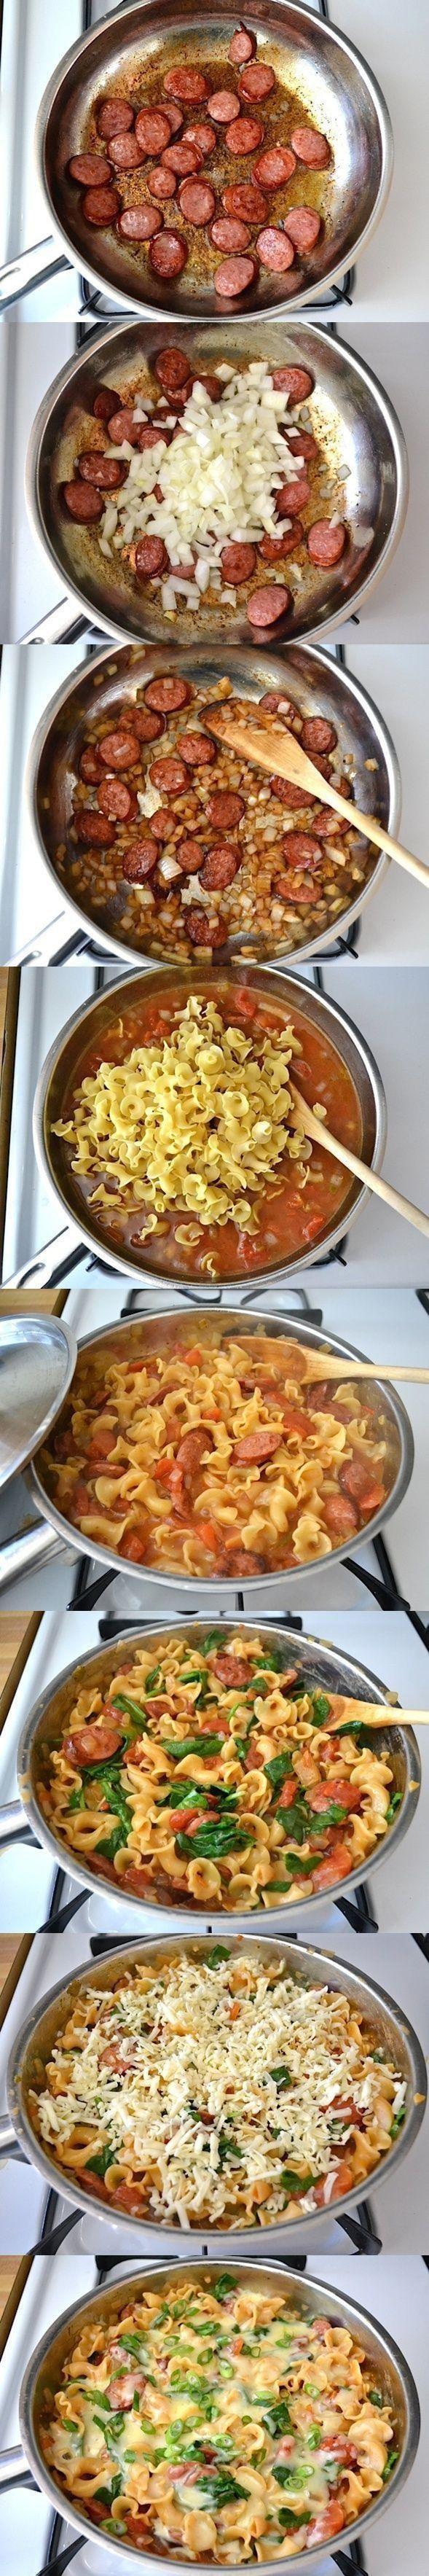 Podsmaż cebulkę, potem dodaj kiełbaskę, zalej pomidorami z puszki i wodą wrzuć makaron wymieszaj przykryj i gotuj na małym ogniu aż makaron zmięknie, na końcu zetrzyj sera przykryj i jeszcze chwilę potrzymaj na palniku, ale wyłącz